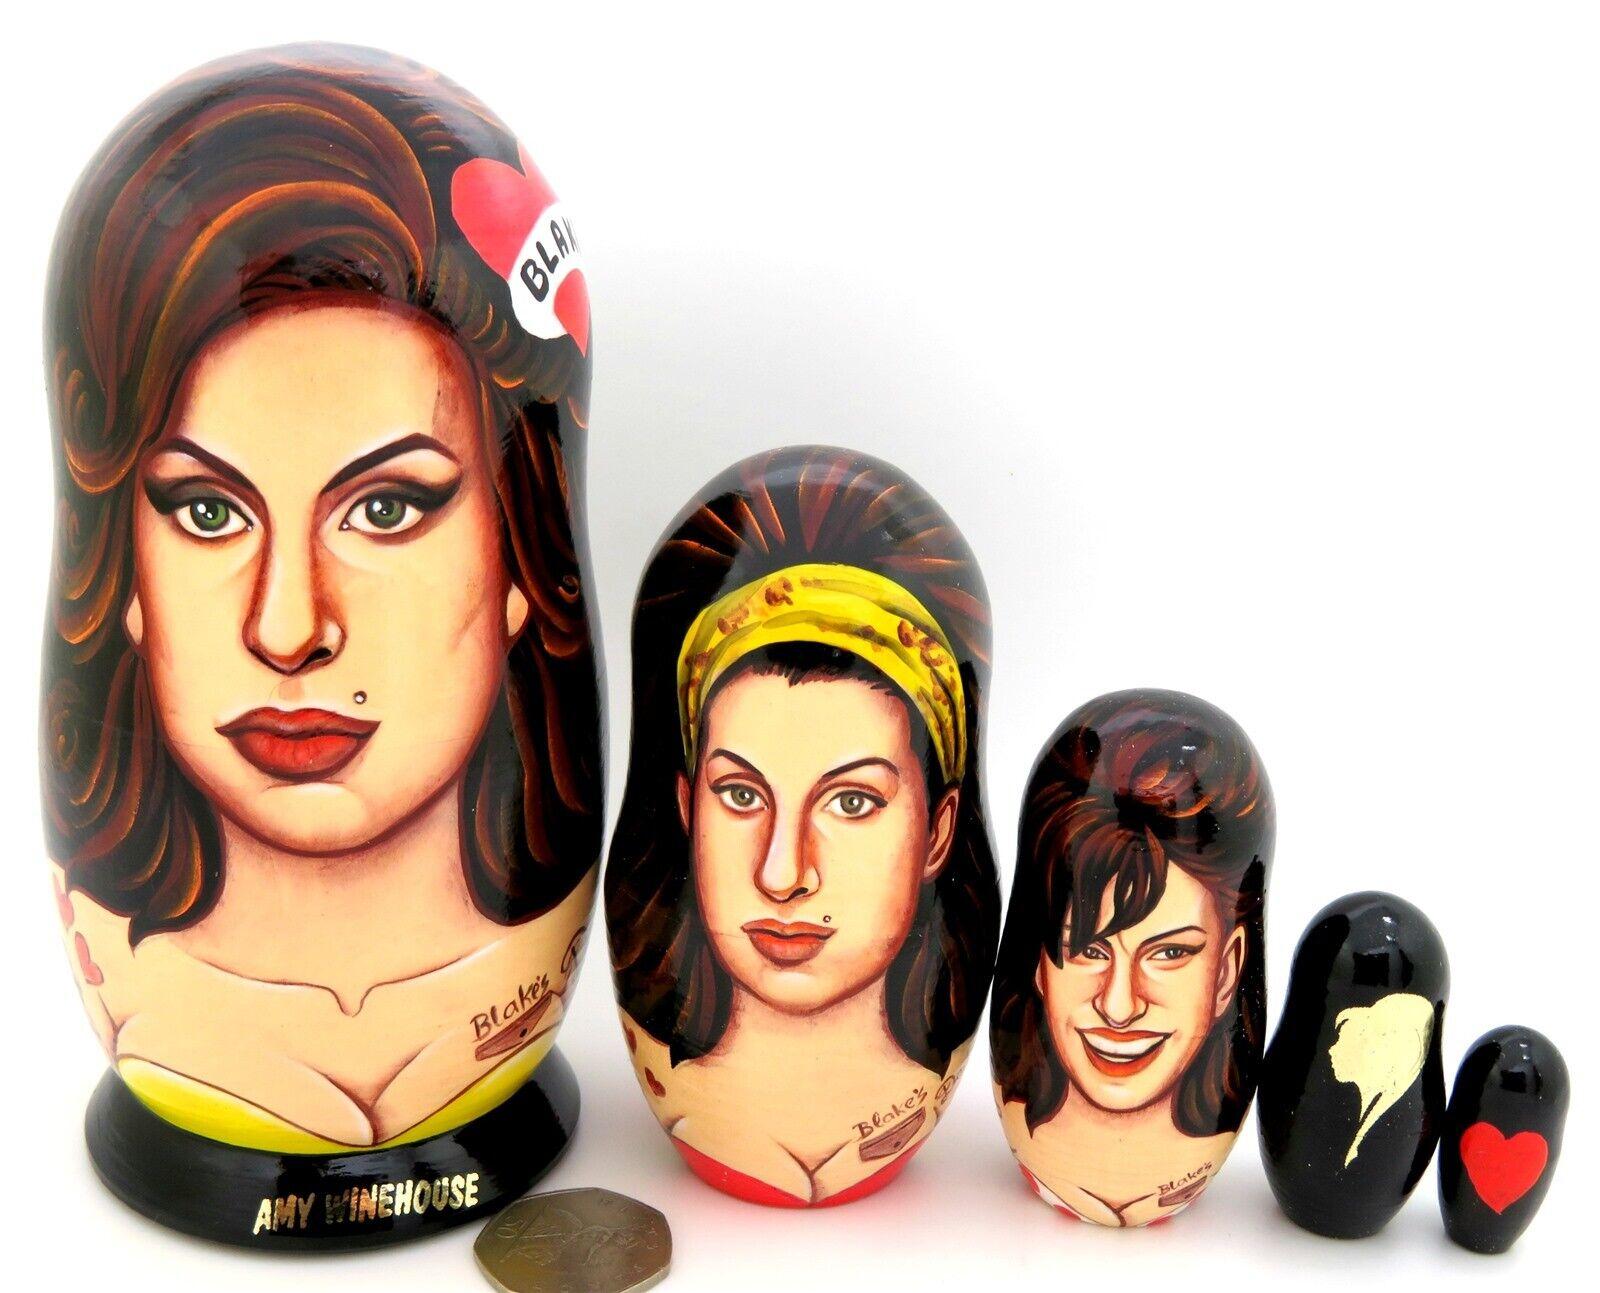 Amy Jade Winehouse Singer Matrioska Dipinto a Mano Bambole 5 Abakumova Regalo